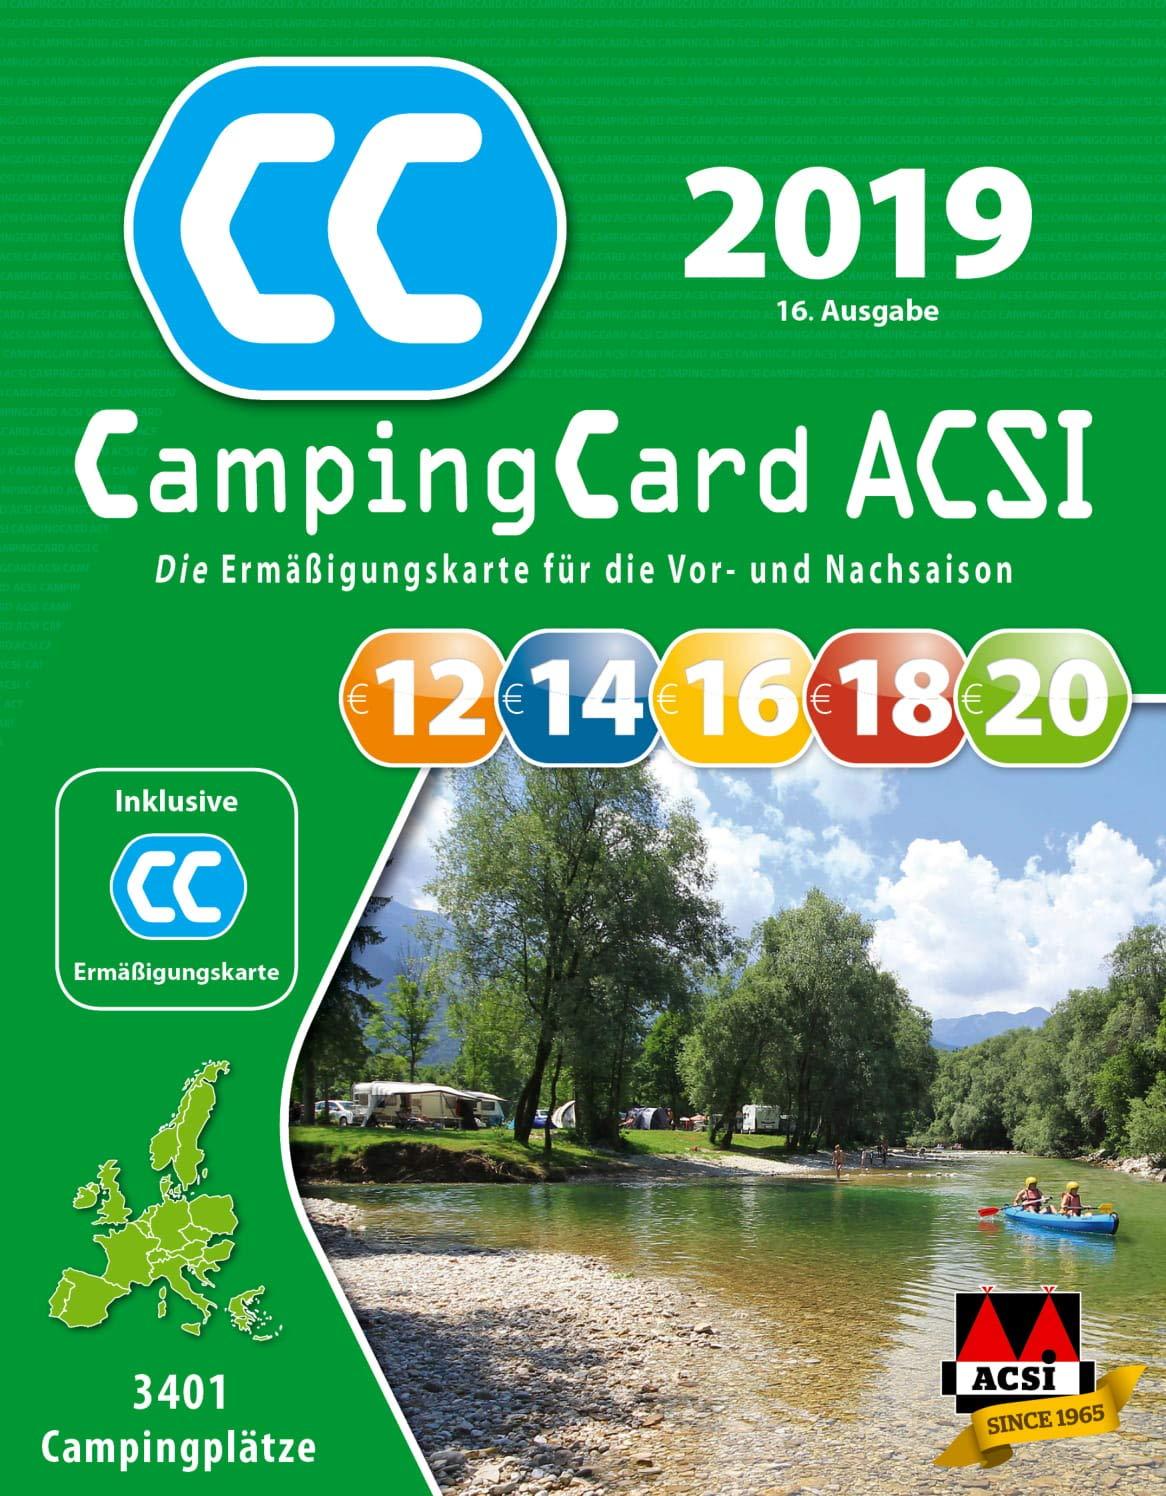 Acsi Karte.Acsi Campingcard Ermassigungskarte 2019 Fur Die Vor Und